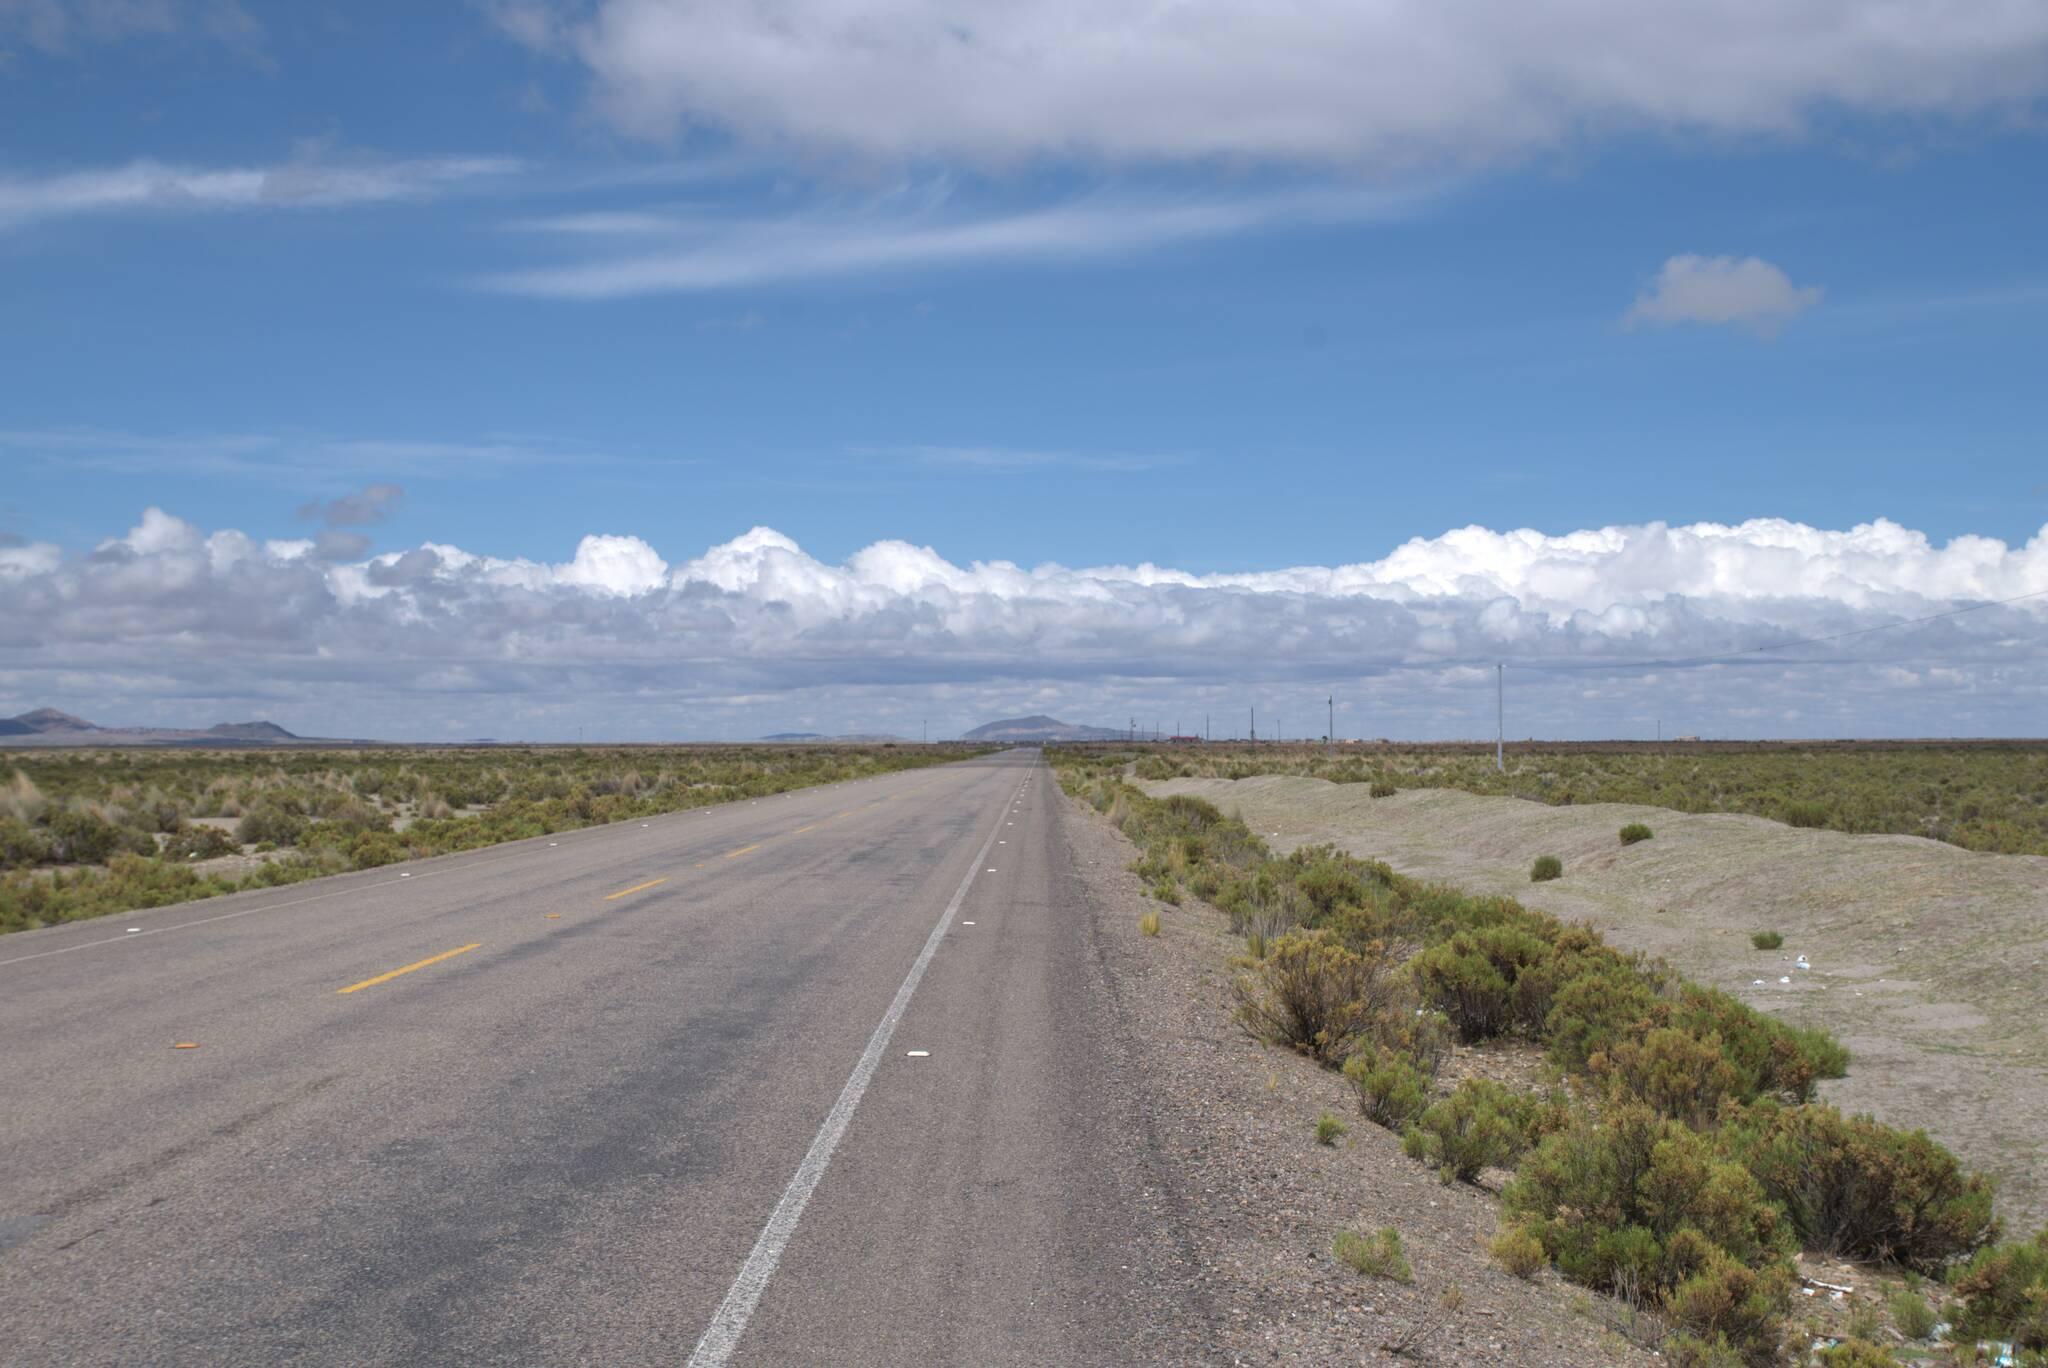 Zjechałem z głównej drogi, a tu dalej asfalt. Zasięg 3G też jest